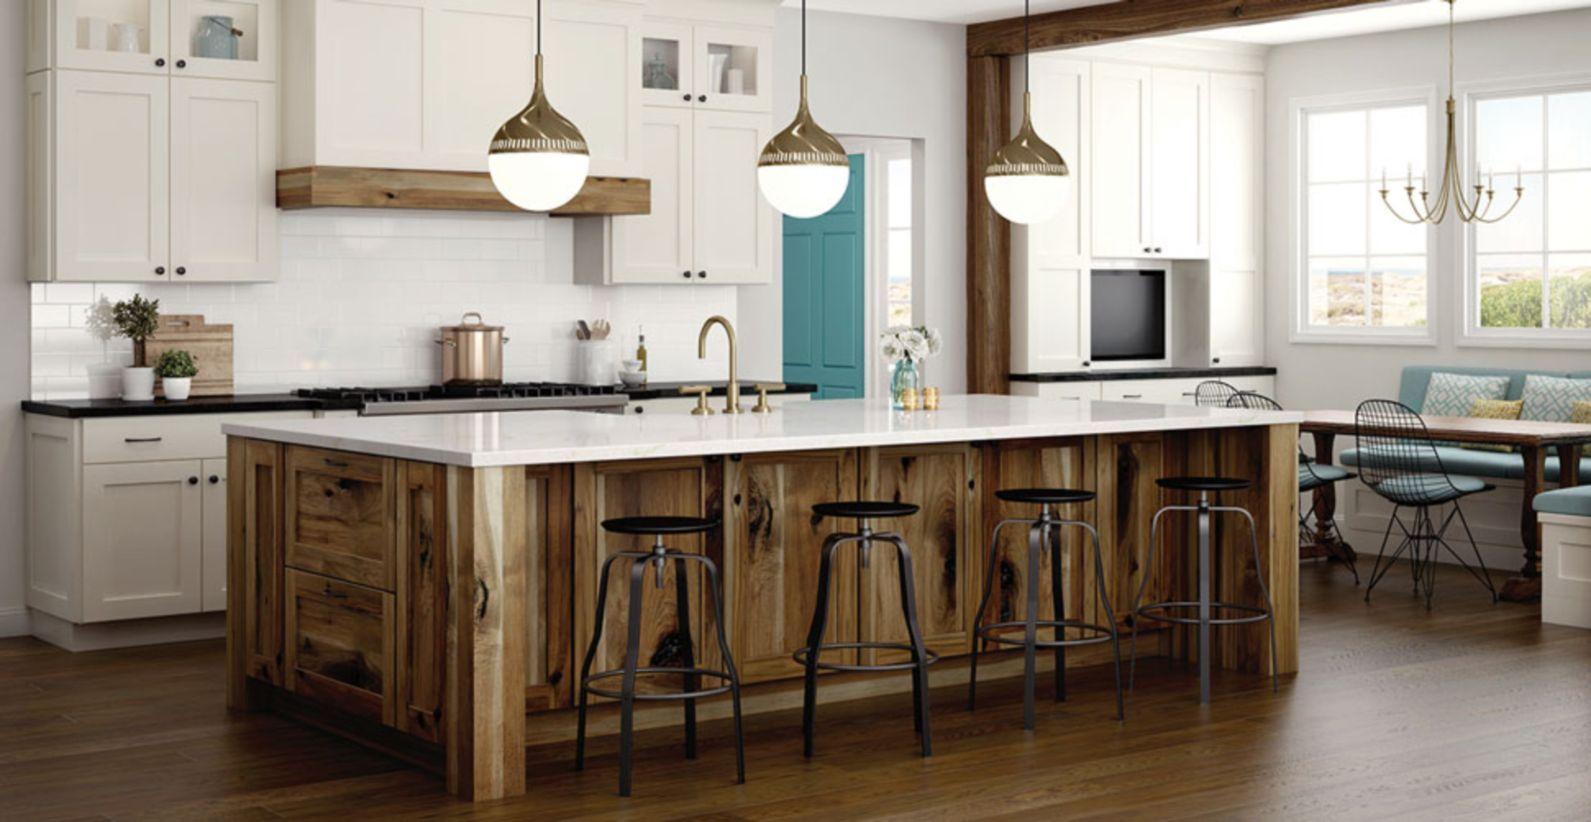 Kitchen Cabinet Refacing Reno Nv - Etexlasto Kitchen Ideas